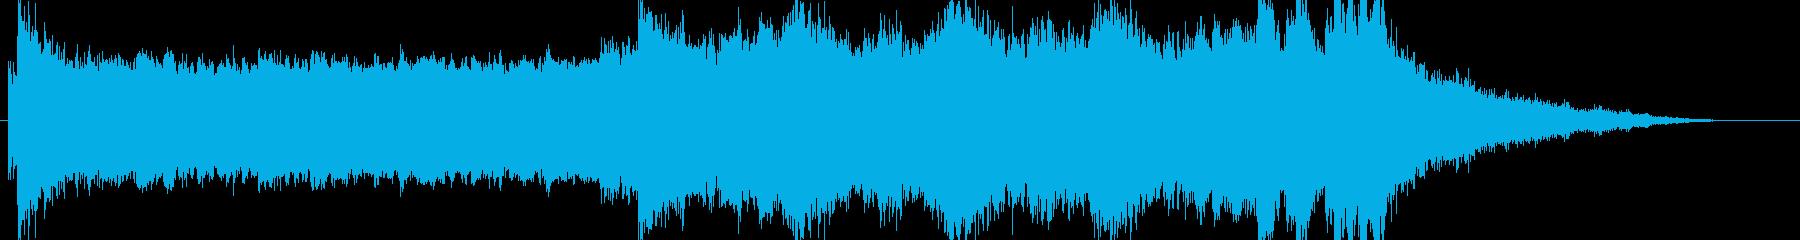 ラスボス用のゴシック調でダークなBGMの再生済みの波形